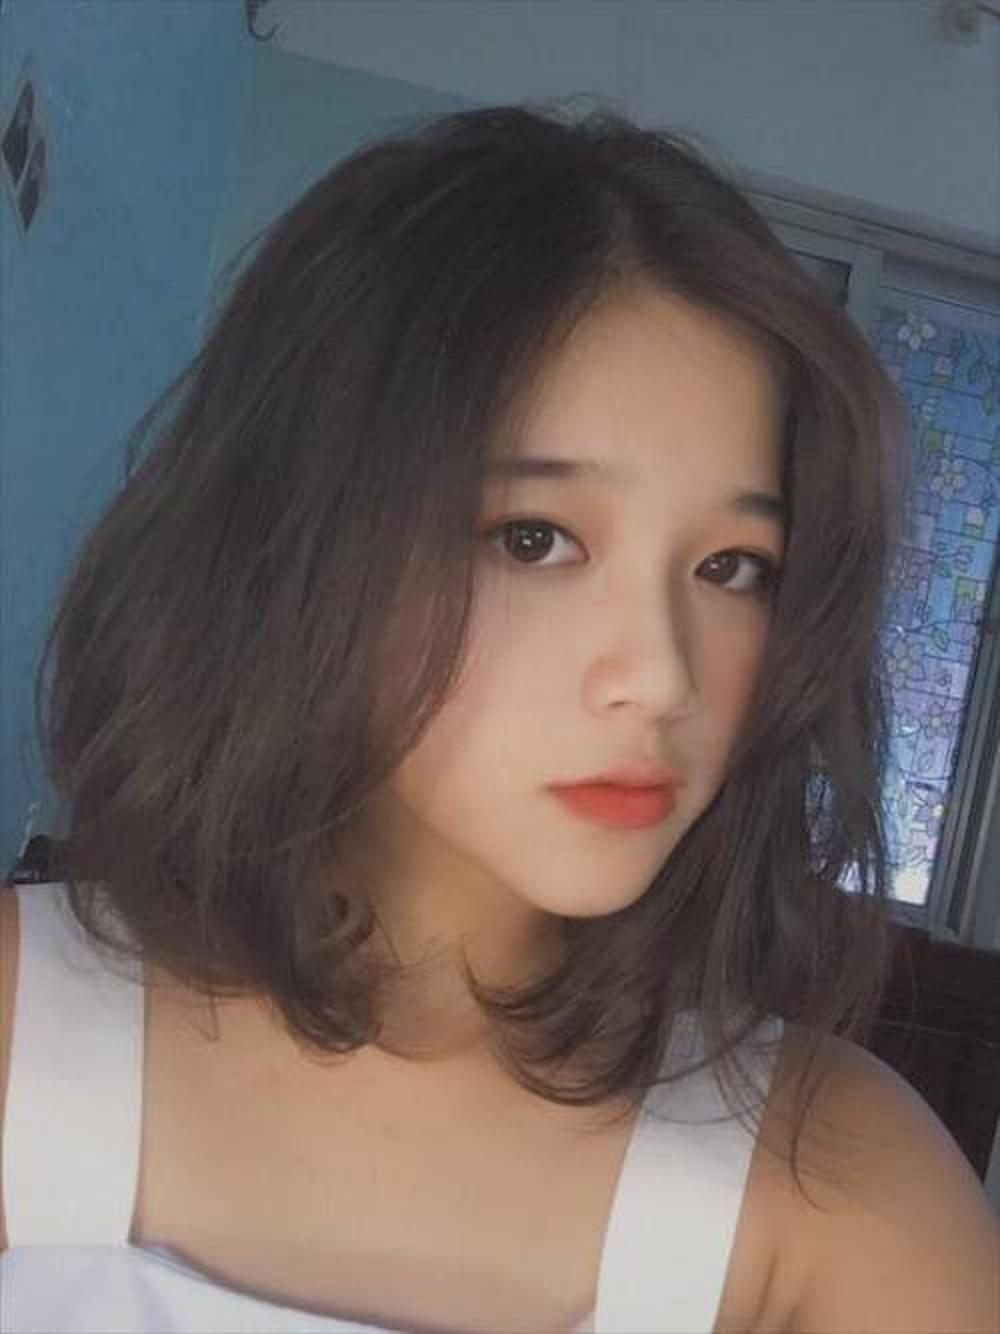 Kiểu tóc ngắn không mái đẹp